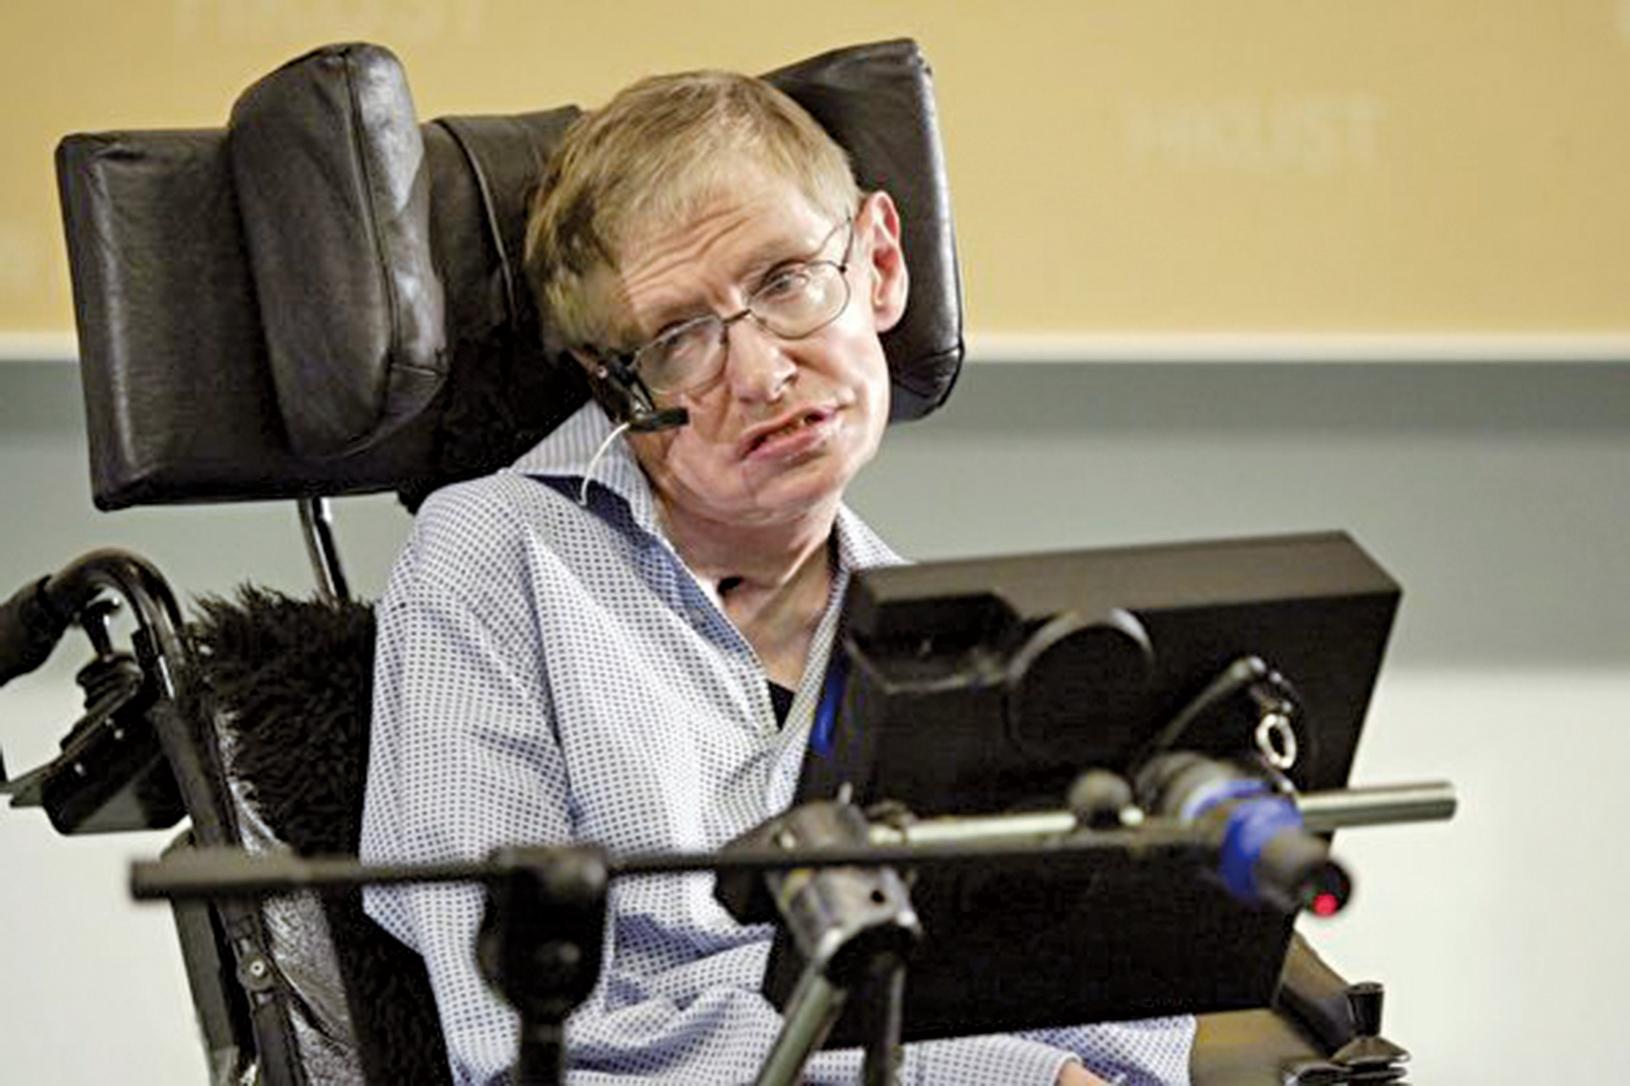 英國著名物理學家斯蒂芬.霍金(Stephen Hawking)。(吳璉宥/大紀元)